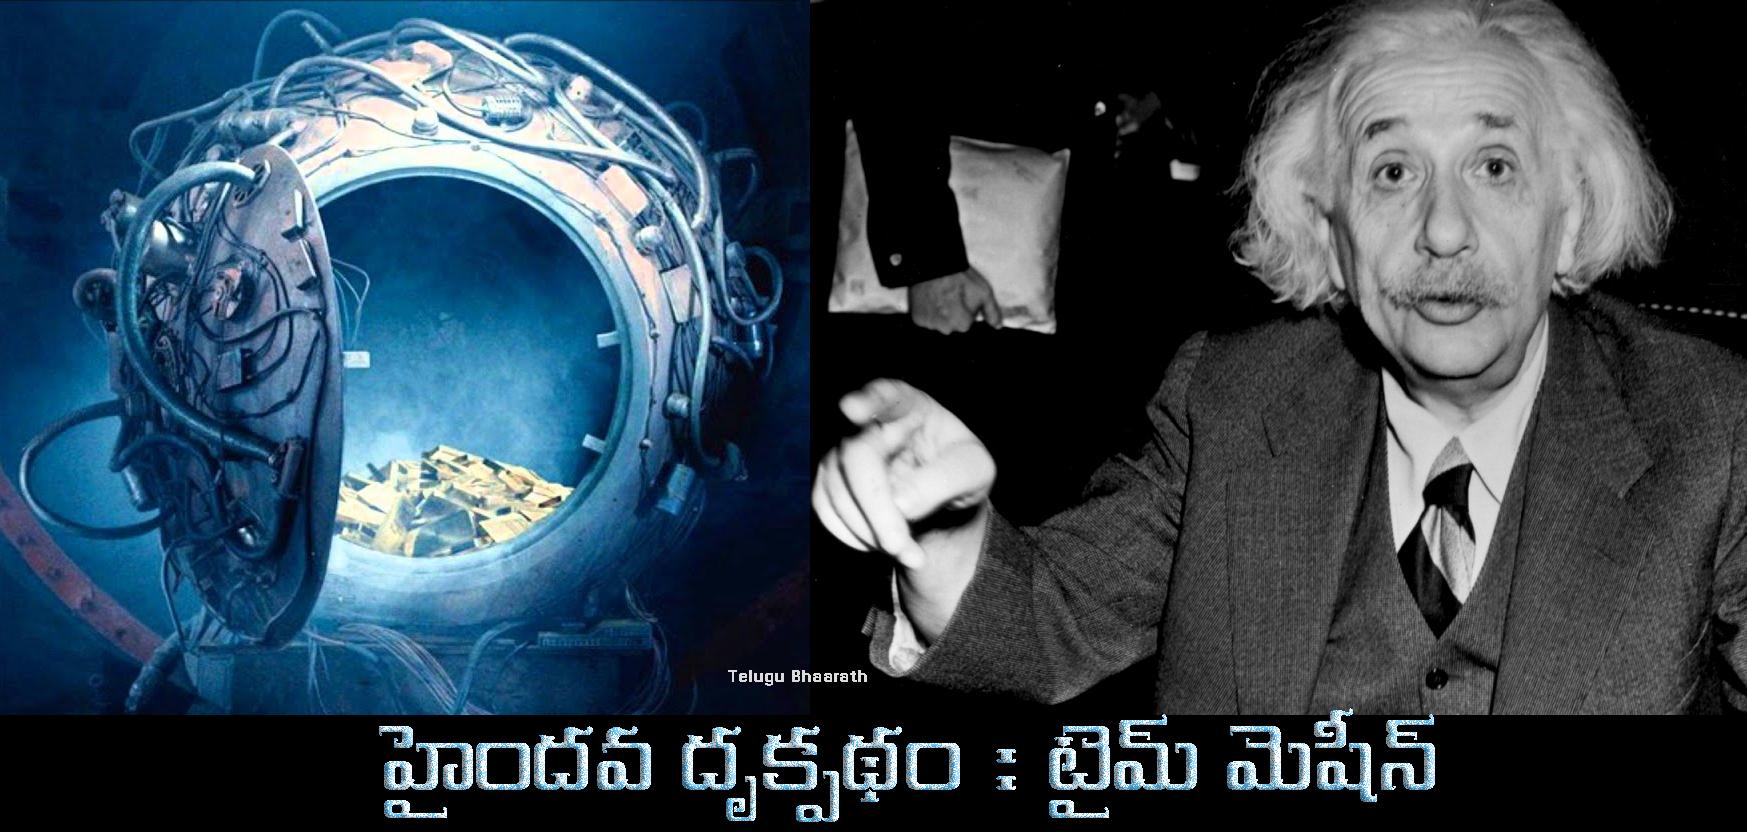 ఐన్ స్టీన్ సిద్ధాంతం - హైందవ దృక్పథం : టైమ్ మెషీన్ - EINSTEIN'S THEORY IN HINDU PERSPECTIVE: The Time Machine